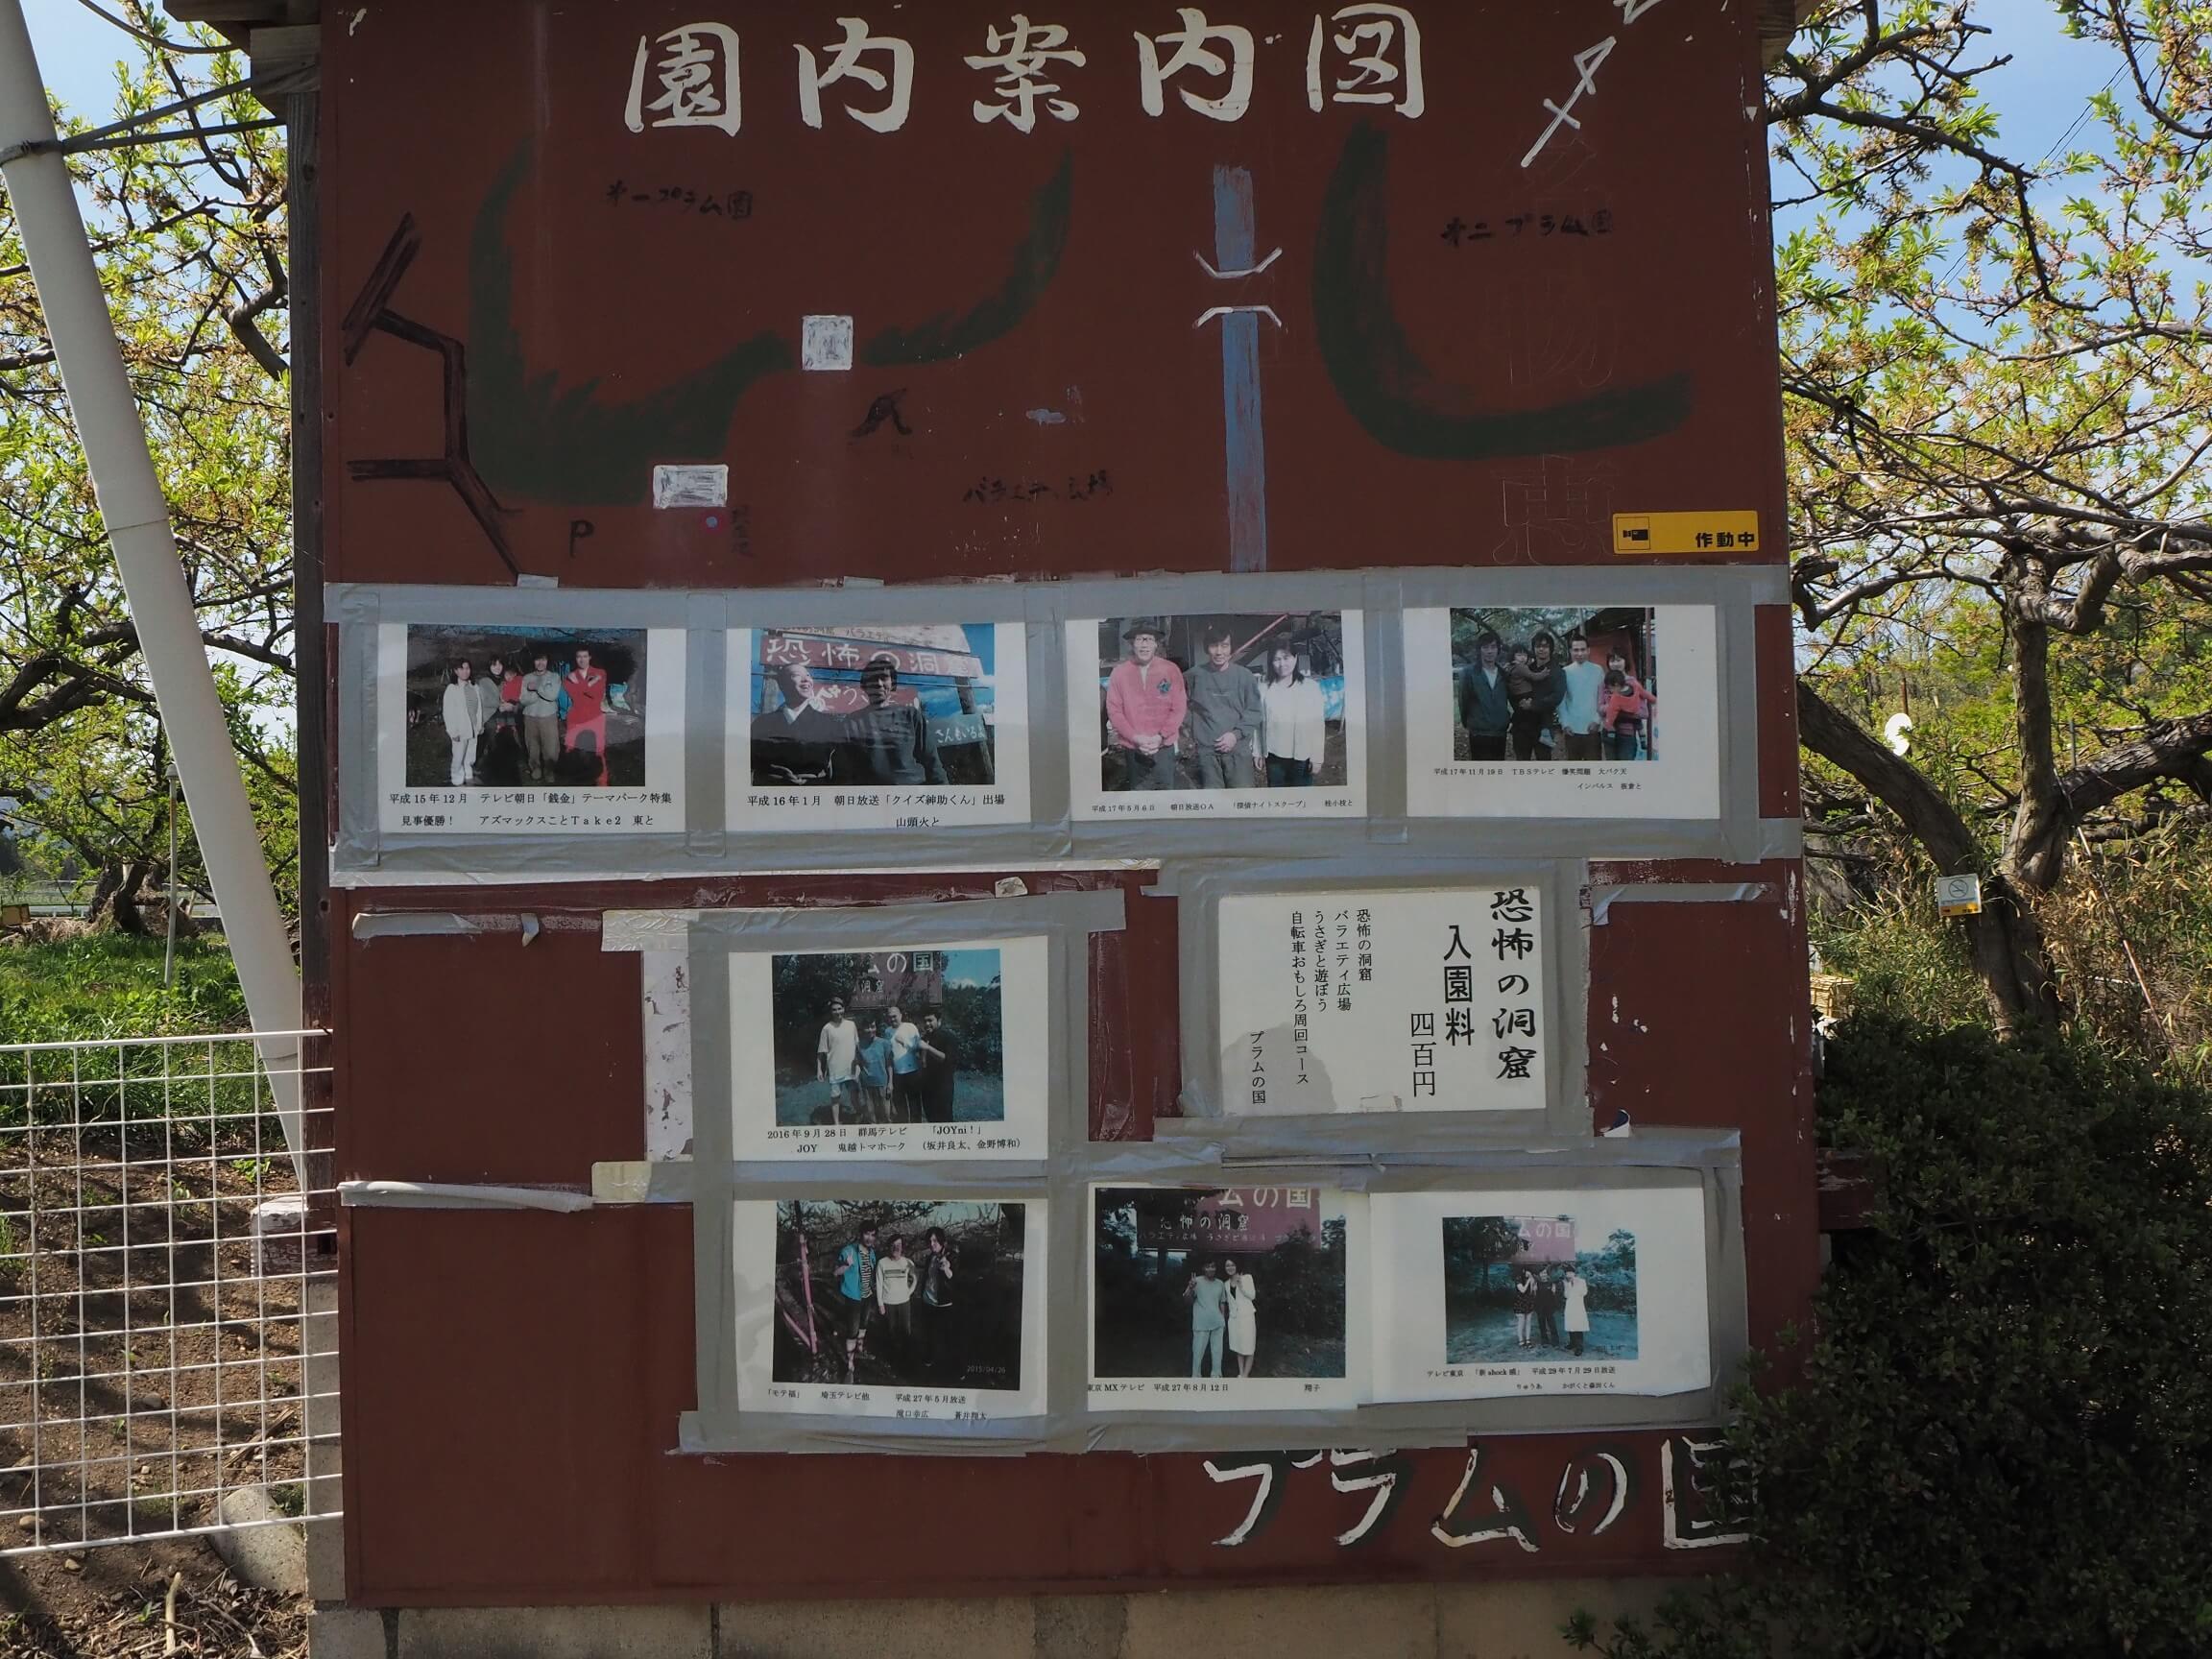 猿ヶ京温泉まつり 花火